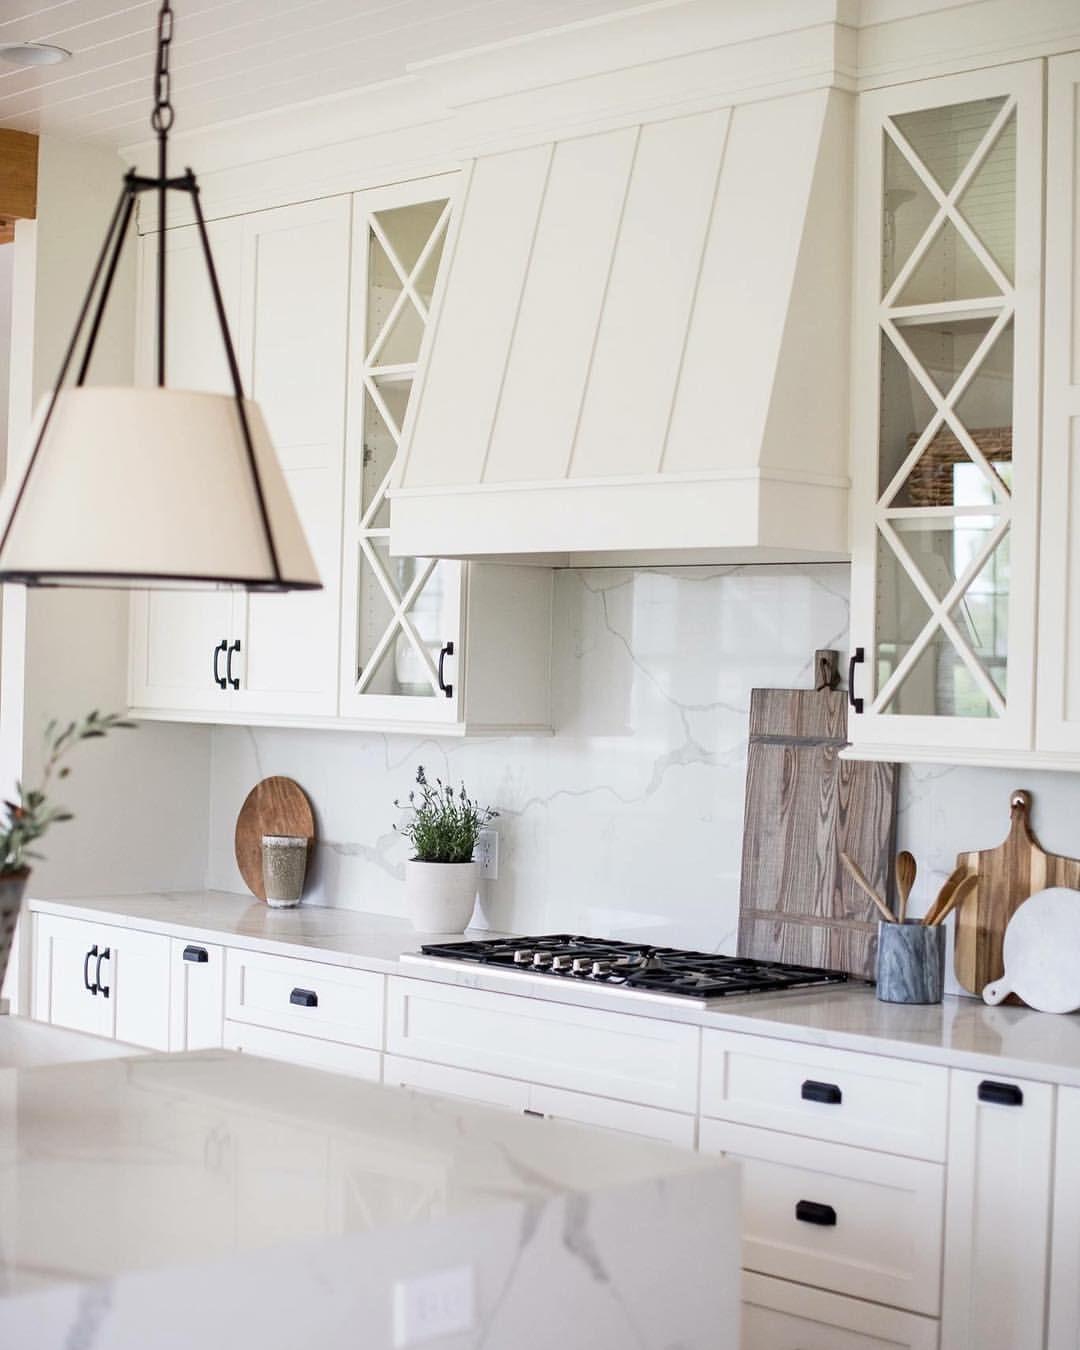 Pin by jenna krumlauf on love it kitchen ideas pinterest